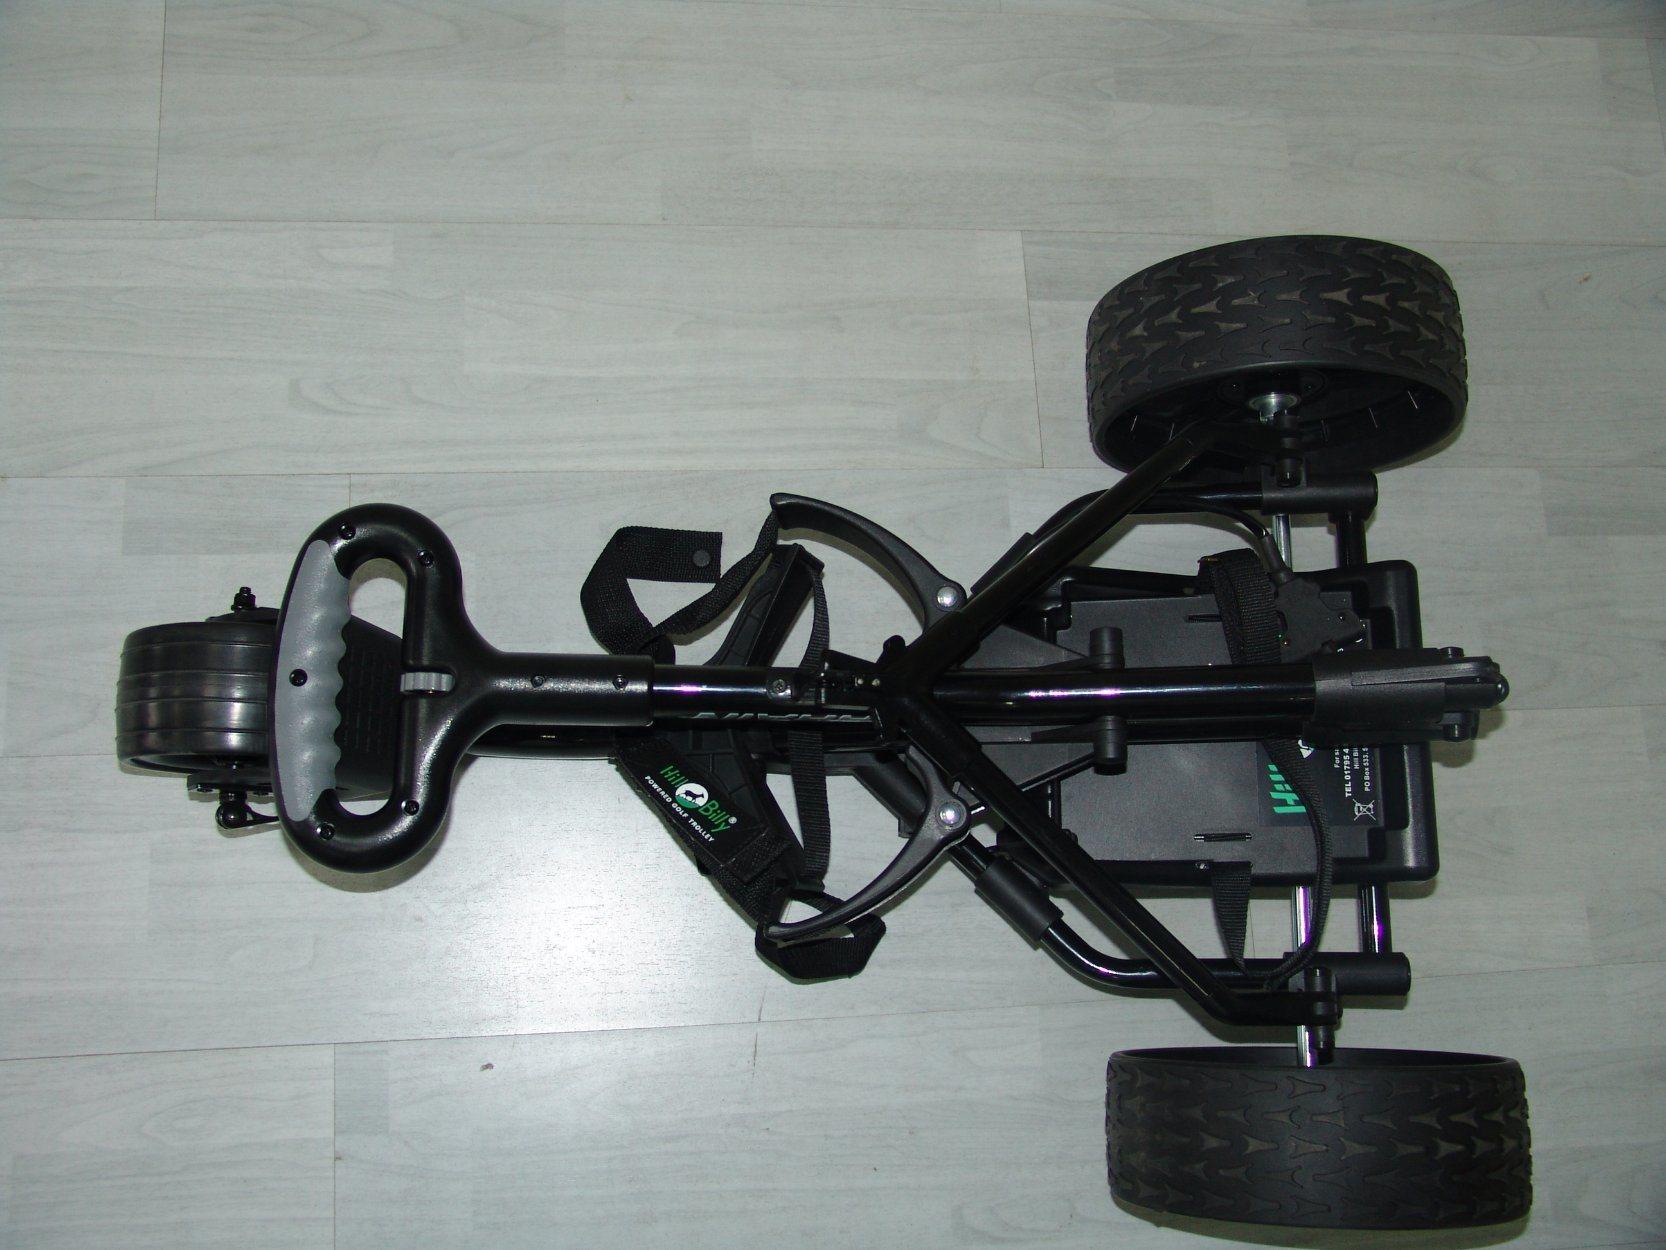 12V/24ah Electric Golf Trolley Golf Bag Trolley (BN105P3)